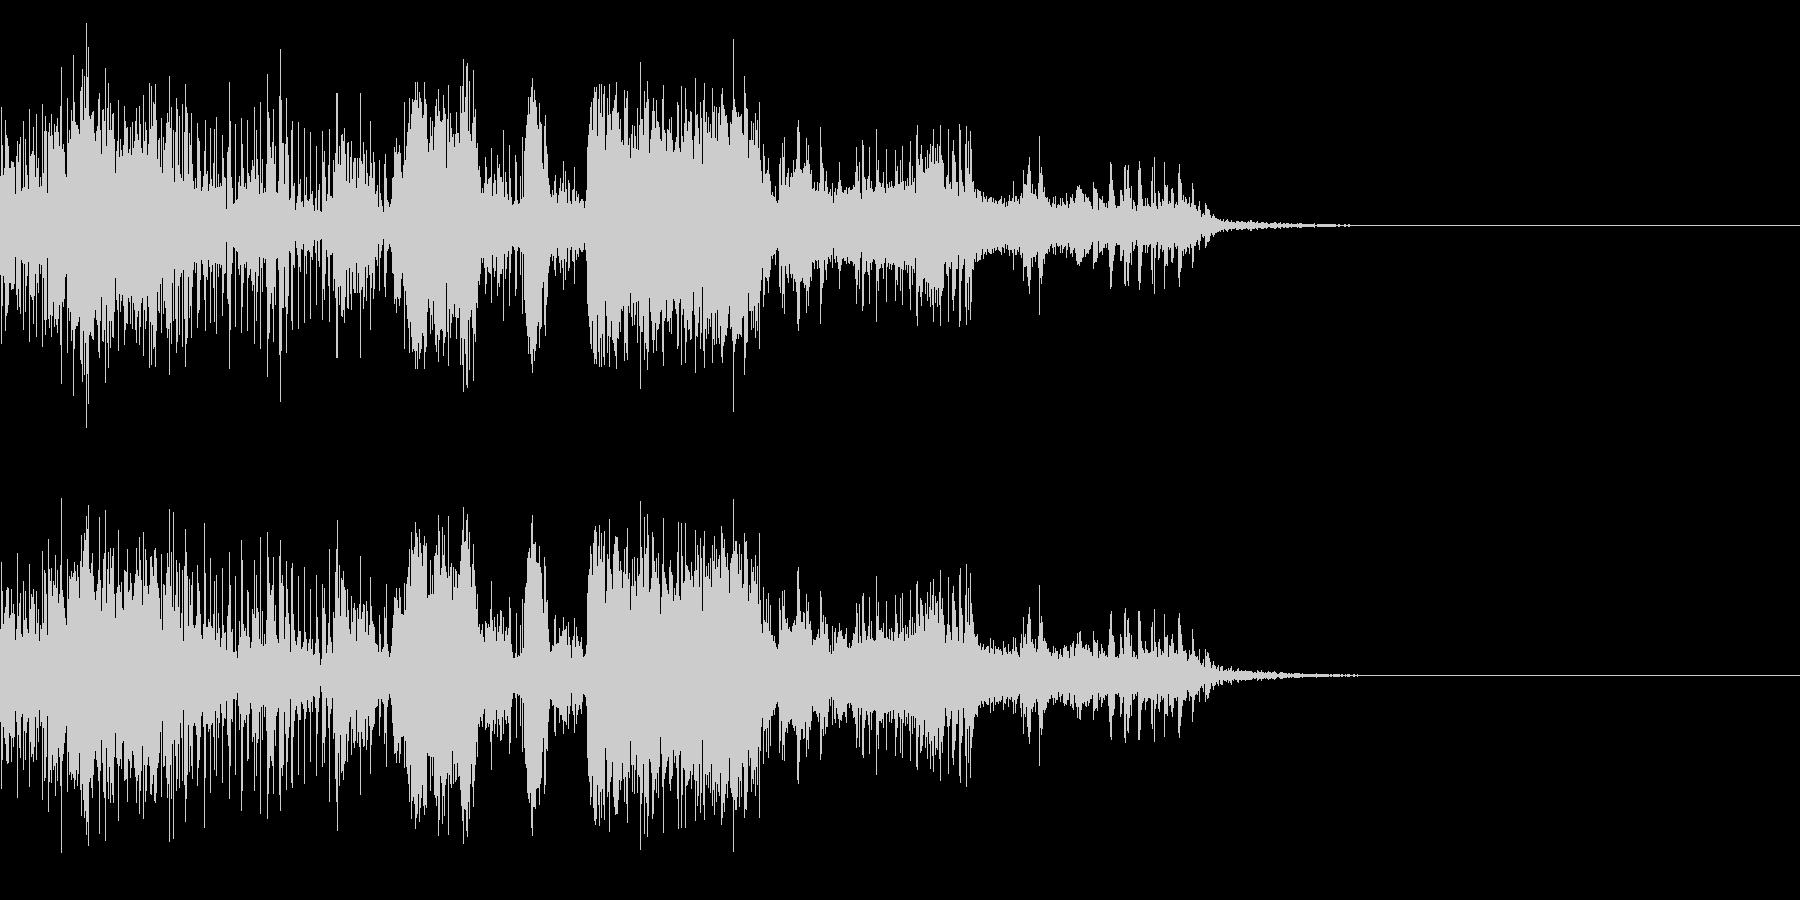 スパーク音-21の未再生の波形